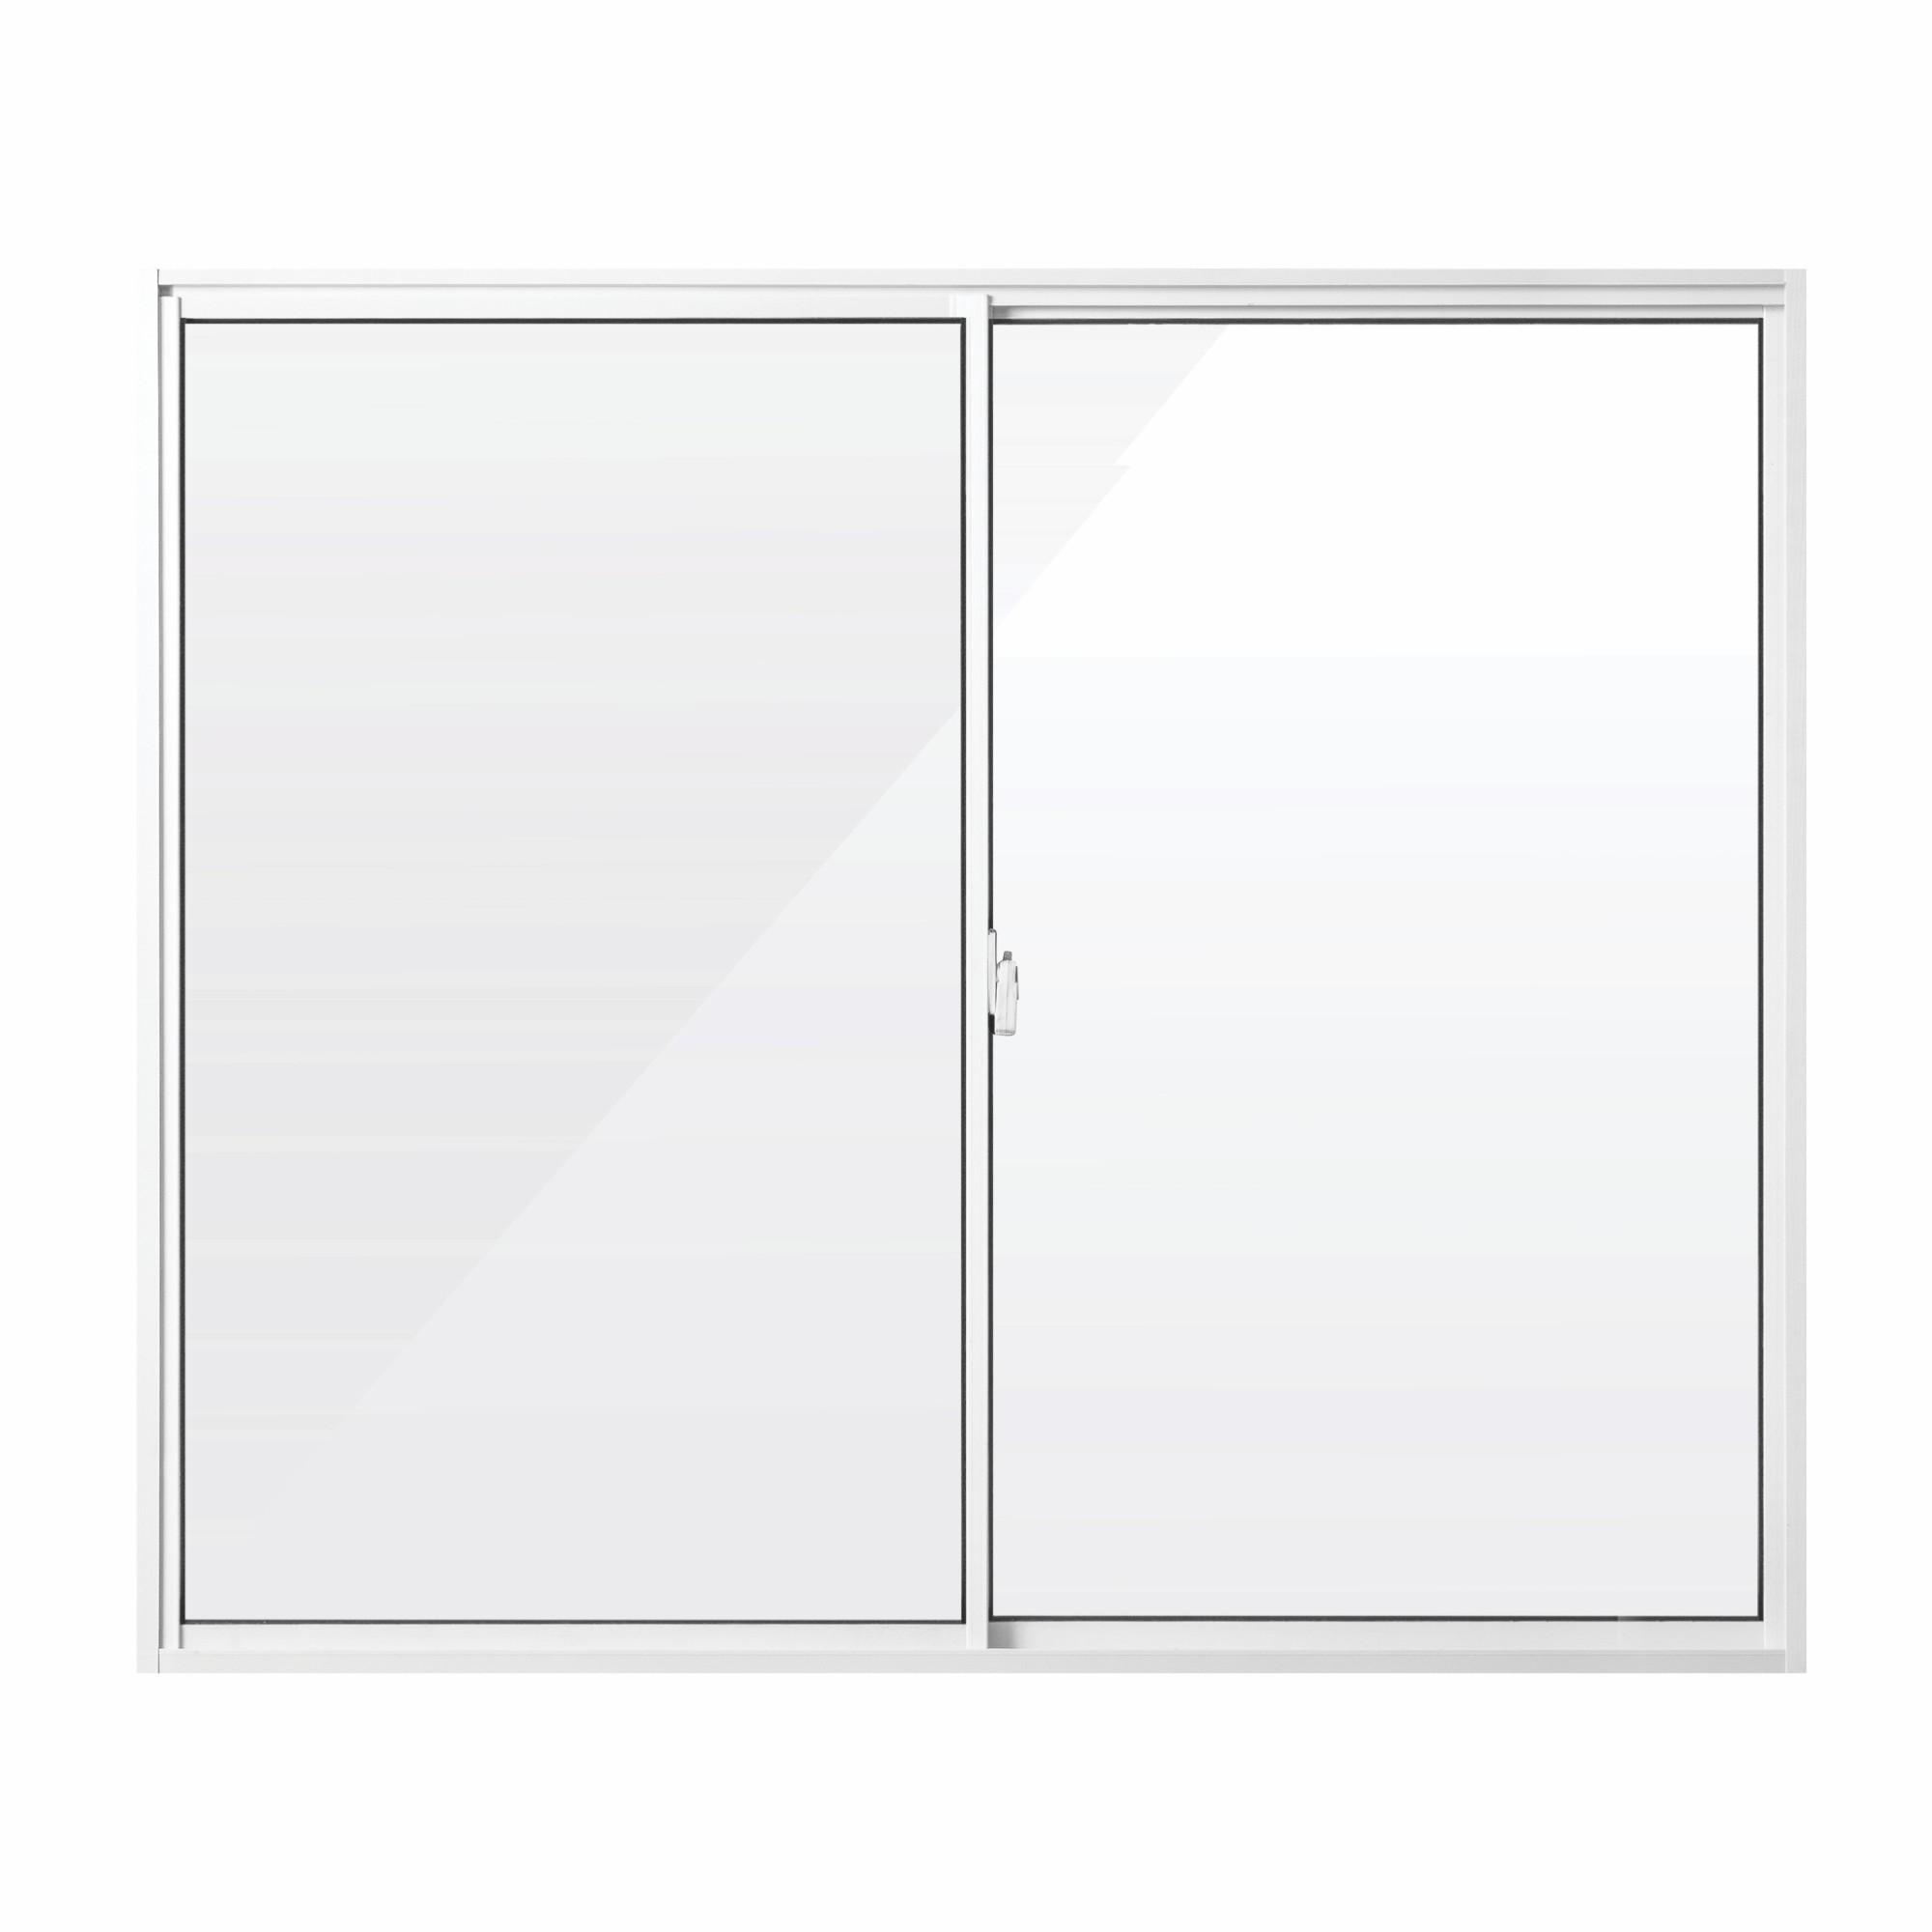 Janela de Correr Slim de Aluminio 2 Folhas 100x100cm Vidro Liso Branca - Aluvid